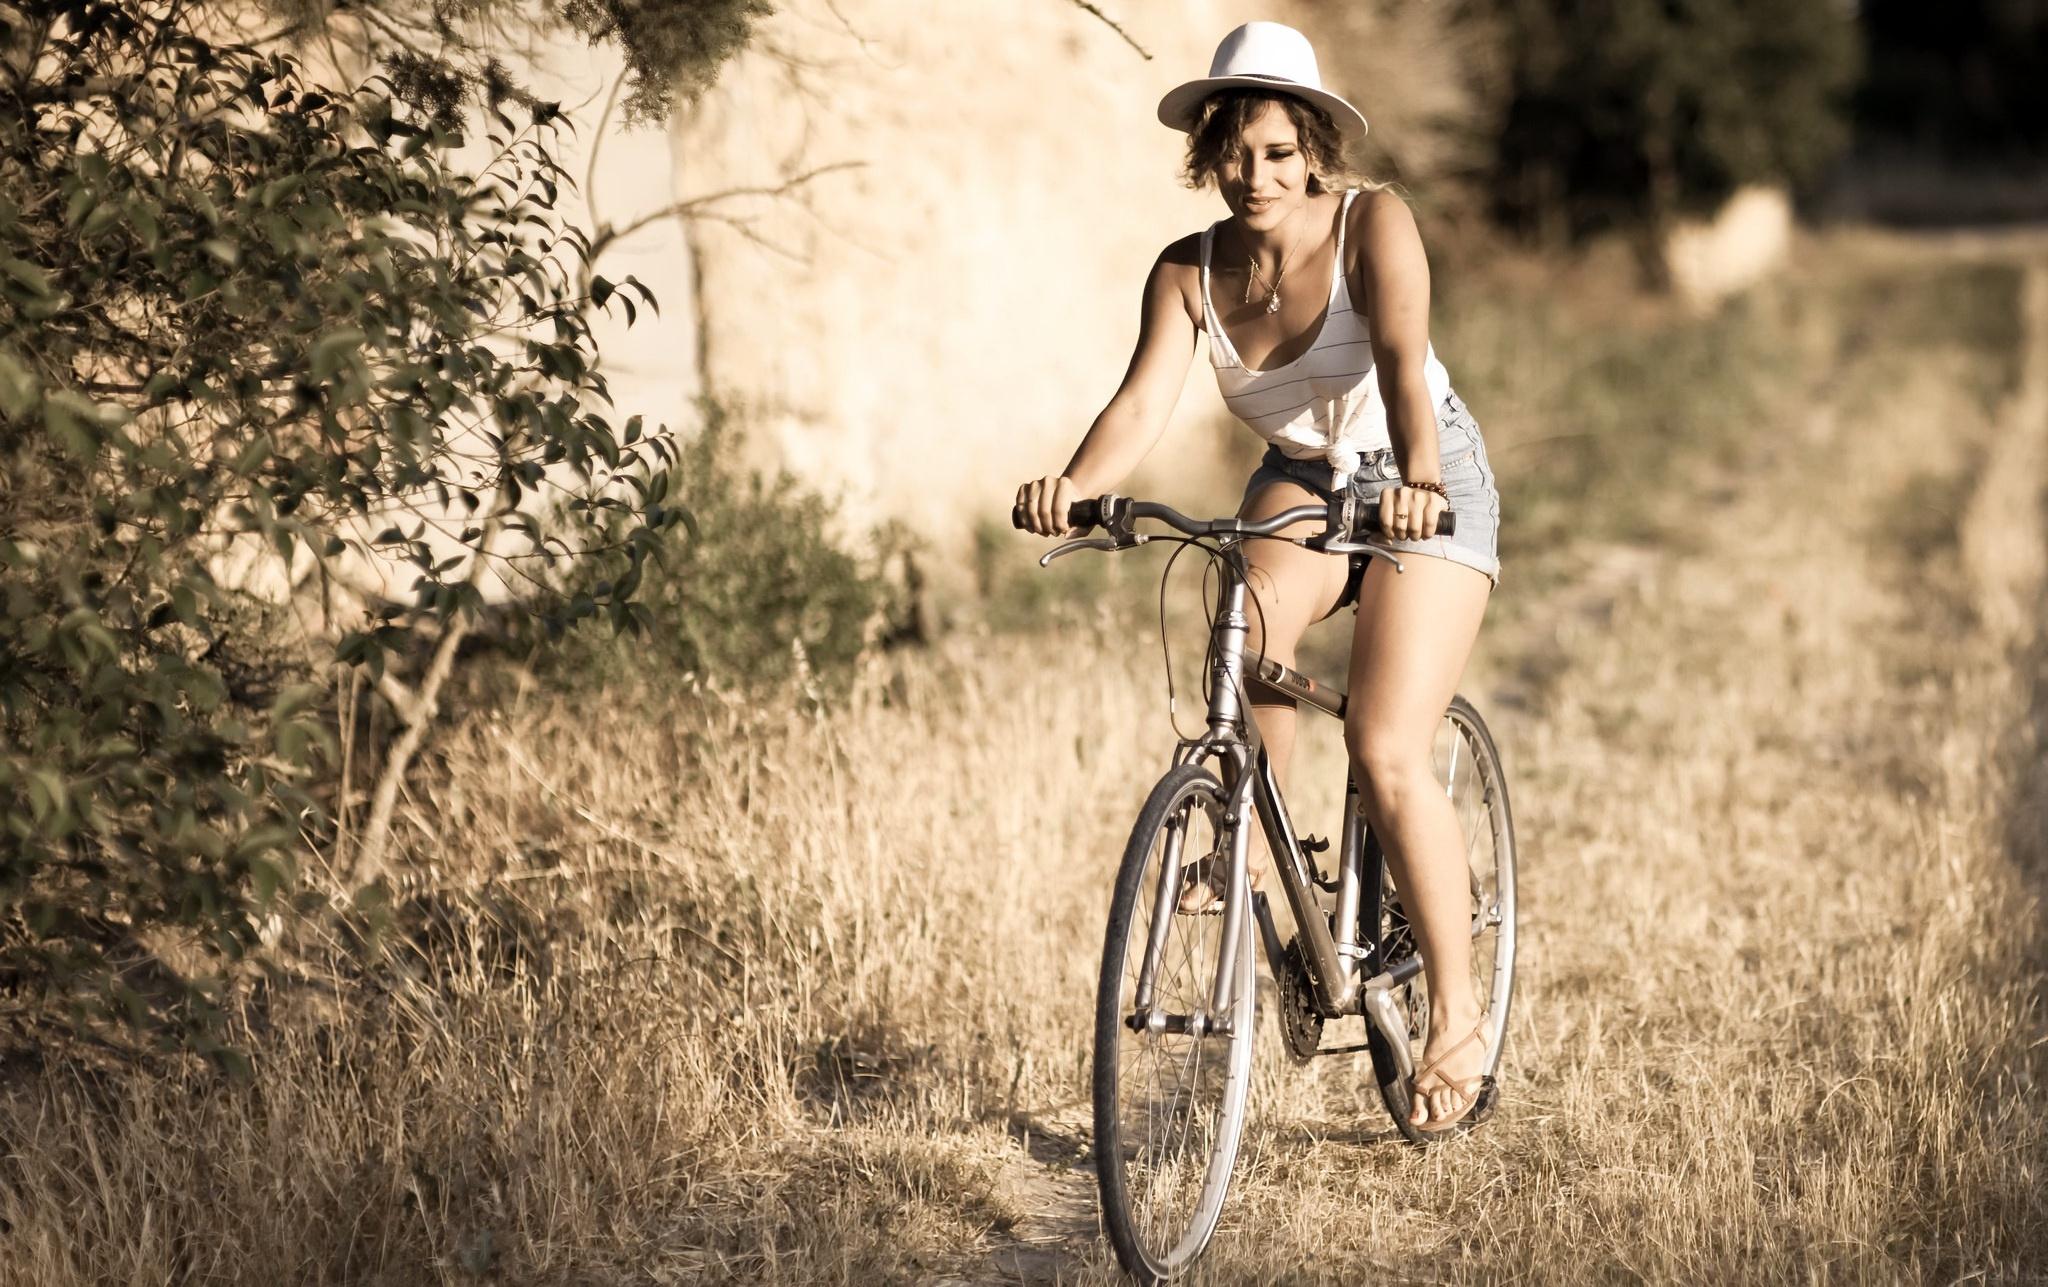 сумасшедшая велосипедистка картинки